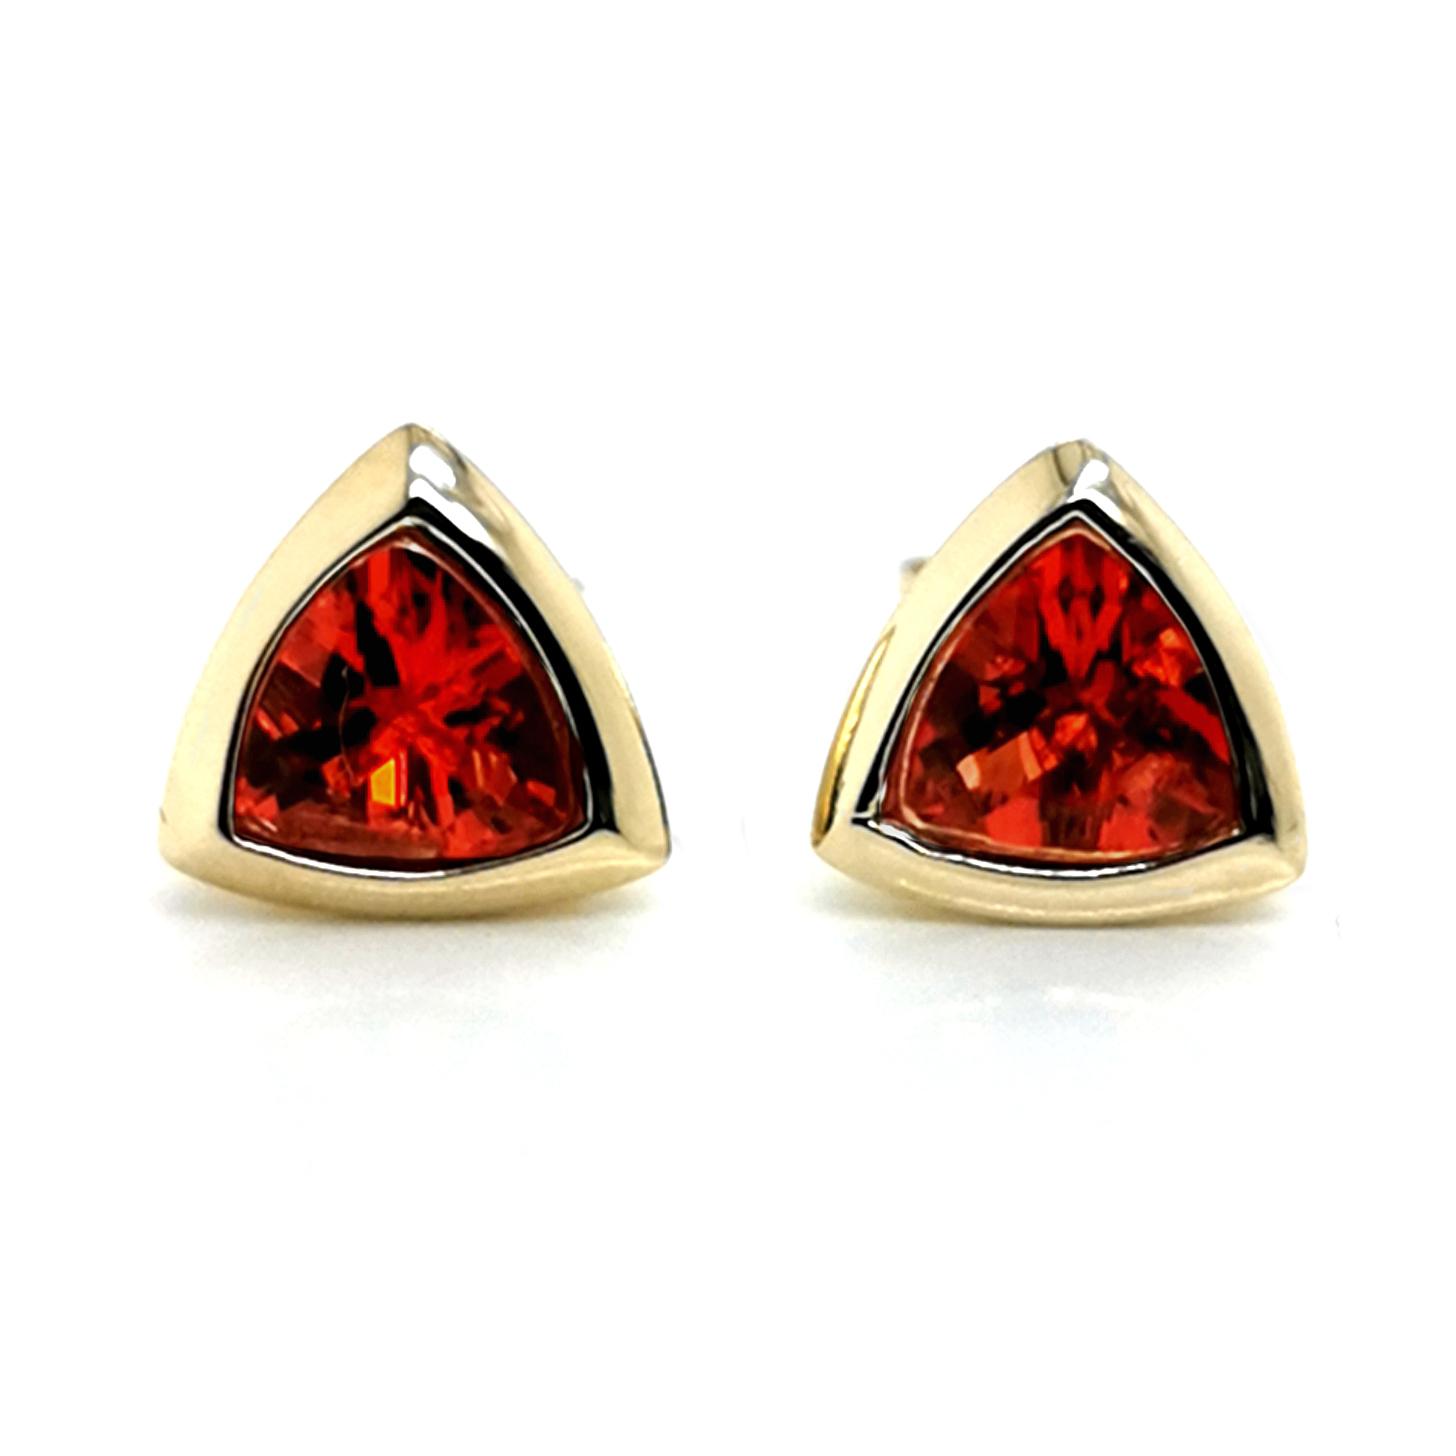 Andesin rot, Triangel, facettiert, Gesamt ca. 1,5 ct Edelstein, Ohrstecker aus 375 Gelbgold, Sogni d´oro